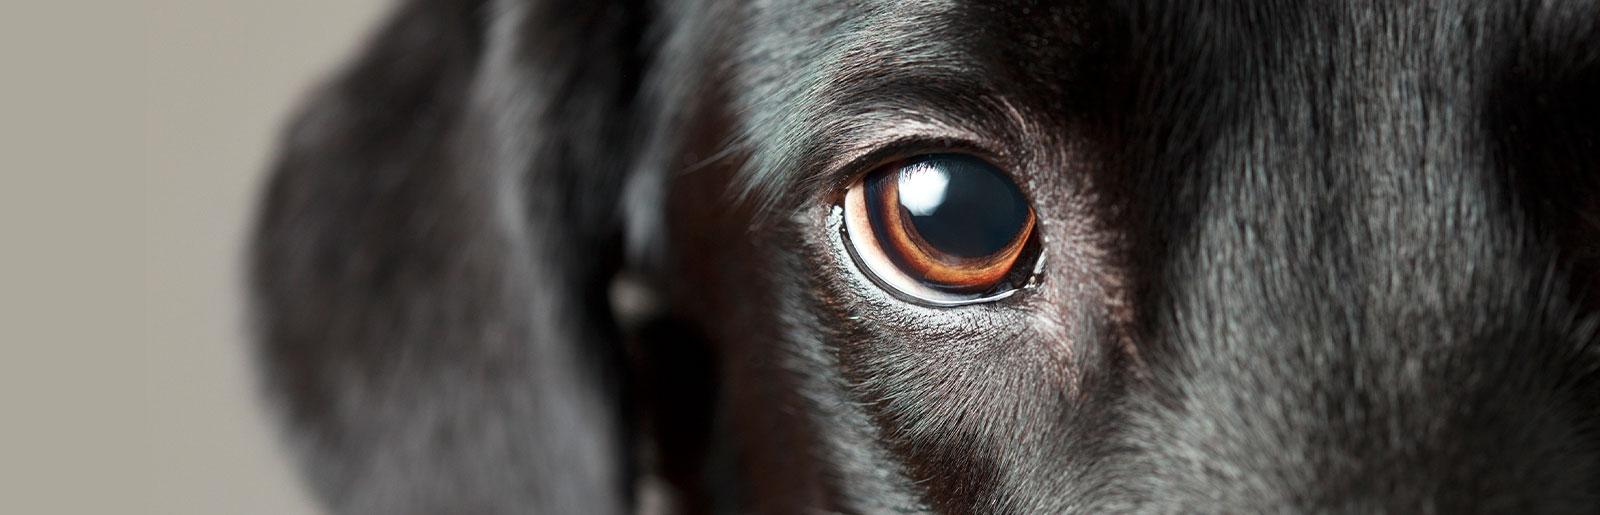 Wie sehen Hunde?